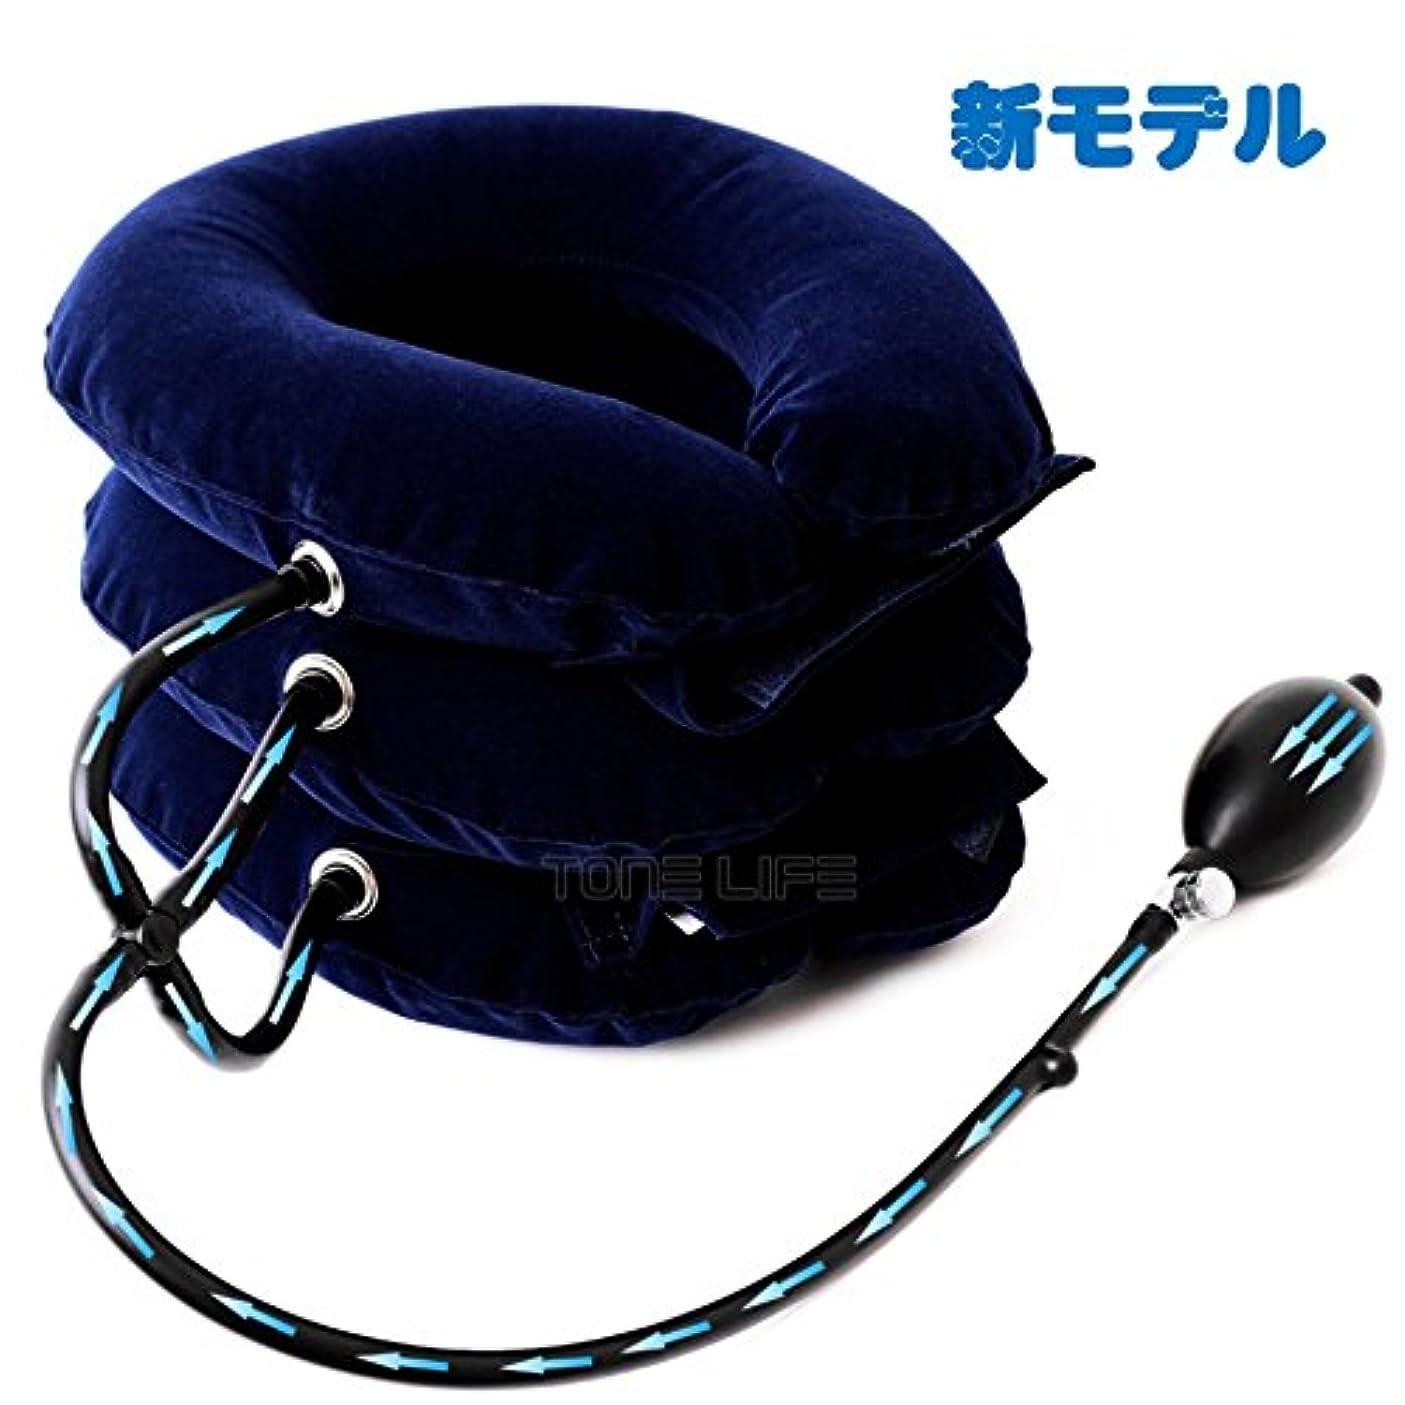 把握部分的プロフィールTONELIFE 3つ又チューブ エアー ネックストレッチャー 頚椎カラー 軽量 首サポーター 頸椎牽引装置 三つ叉ポンプ式 説明書付き (ブルー/蓝色)